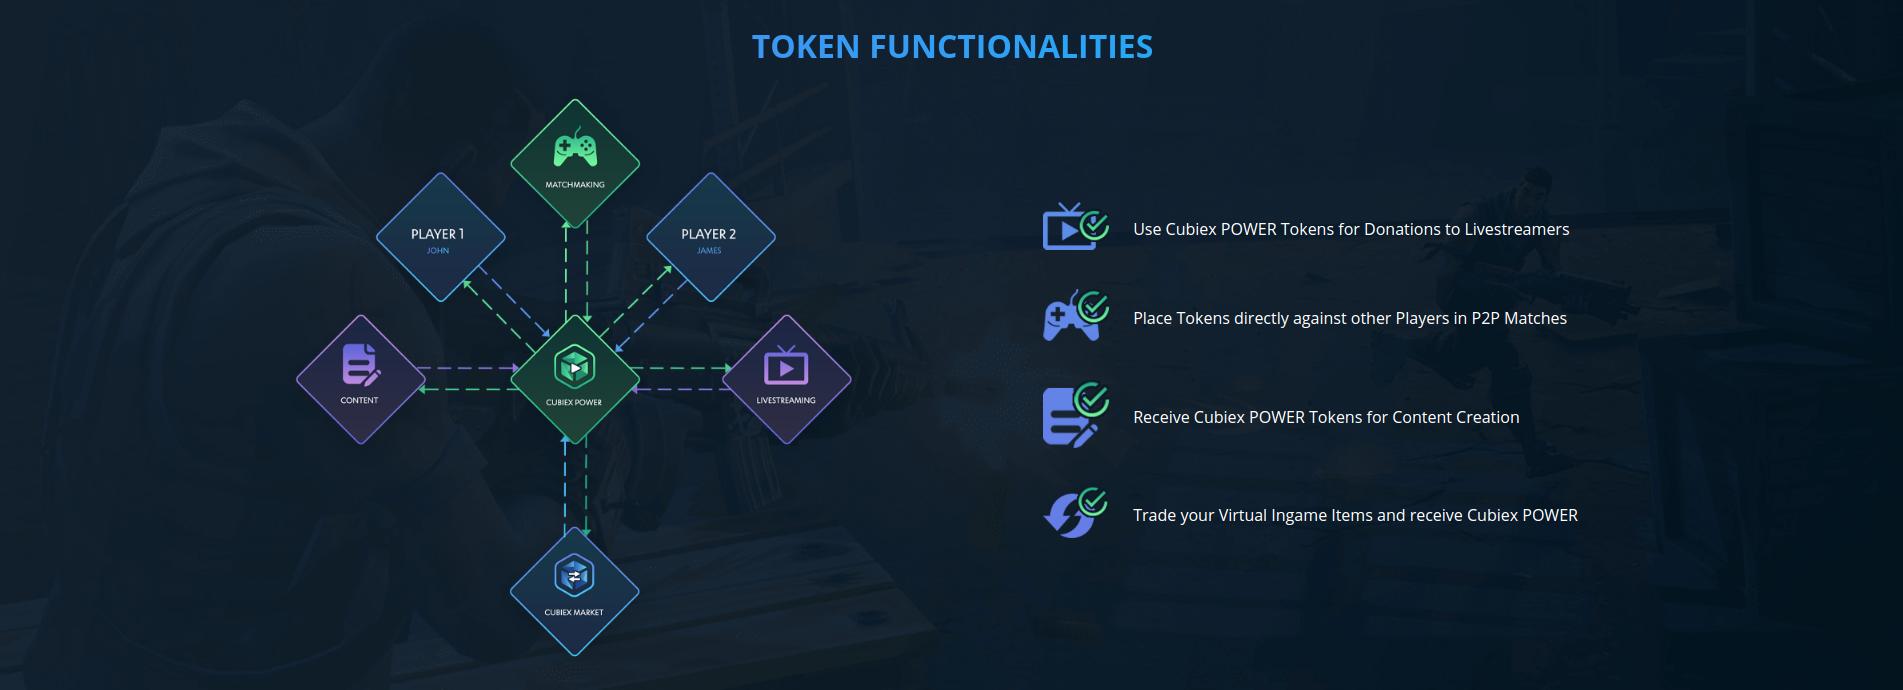 Cubiex Token Functionalities